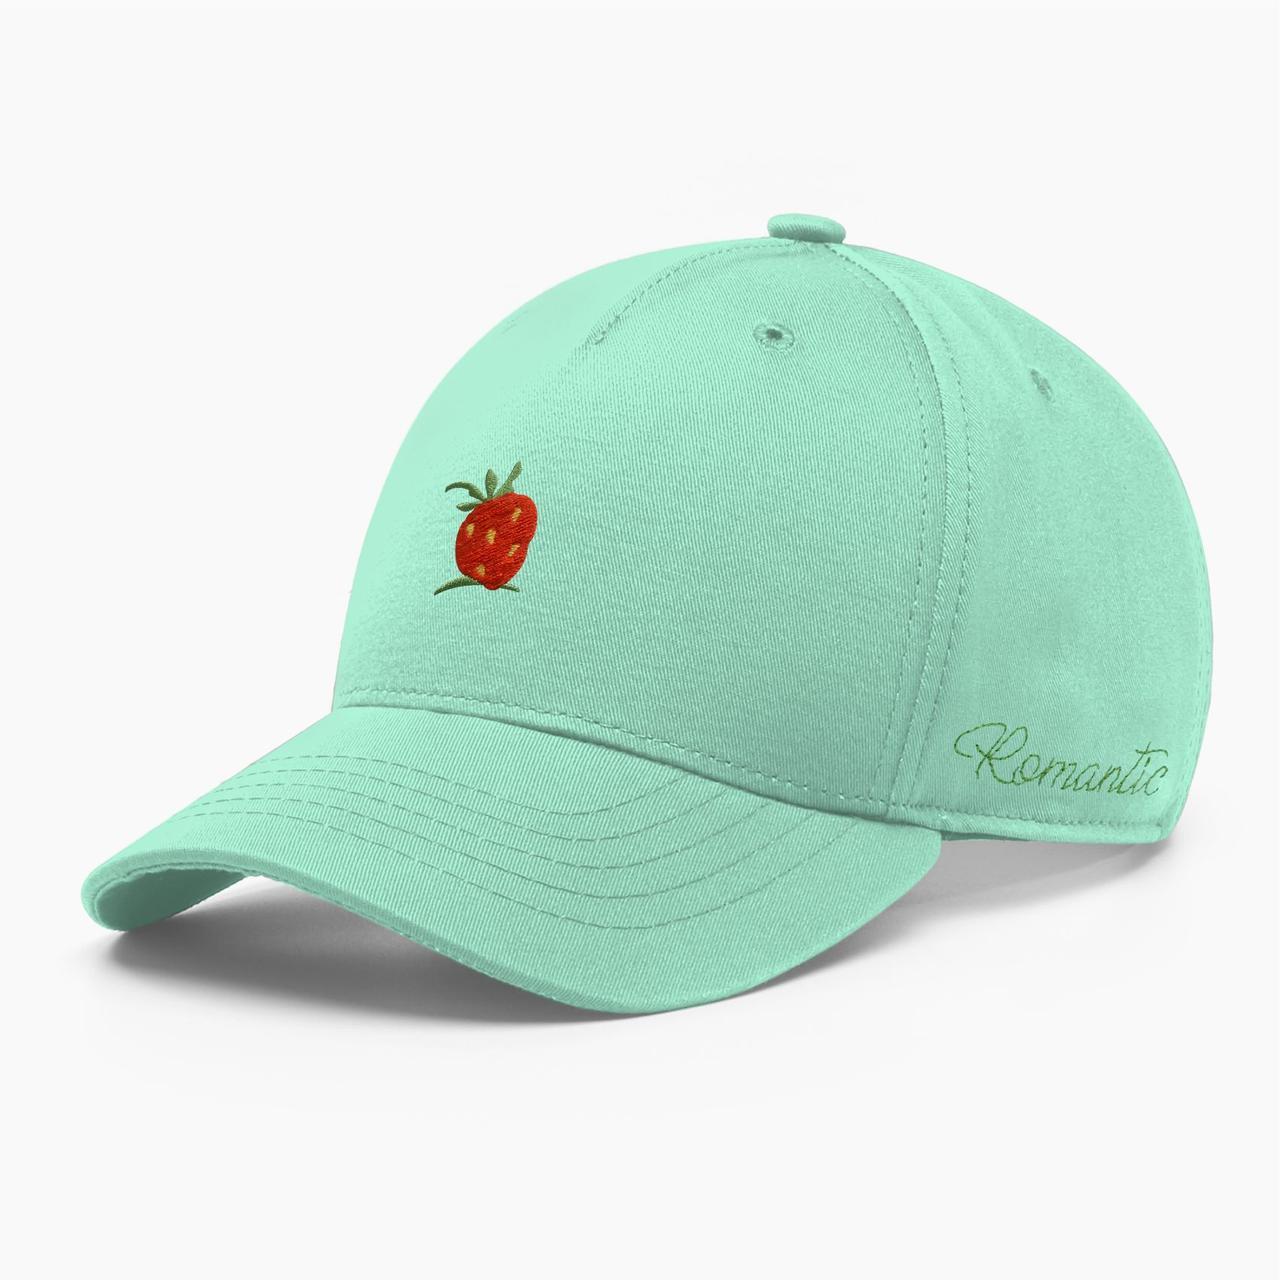 Женская кепка бейсболка INAL strawberry S / 53-54 RU Зеленый 285153